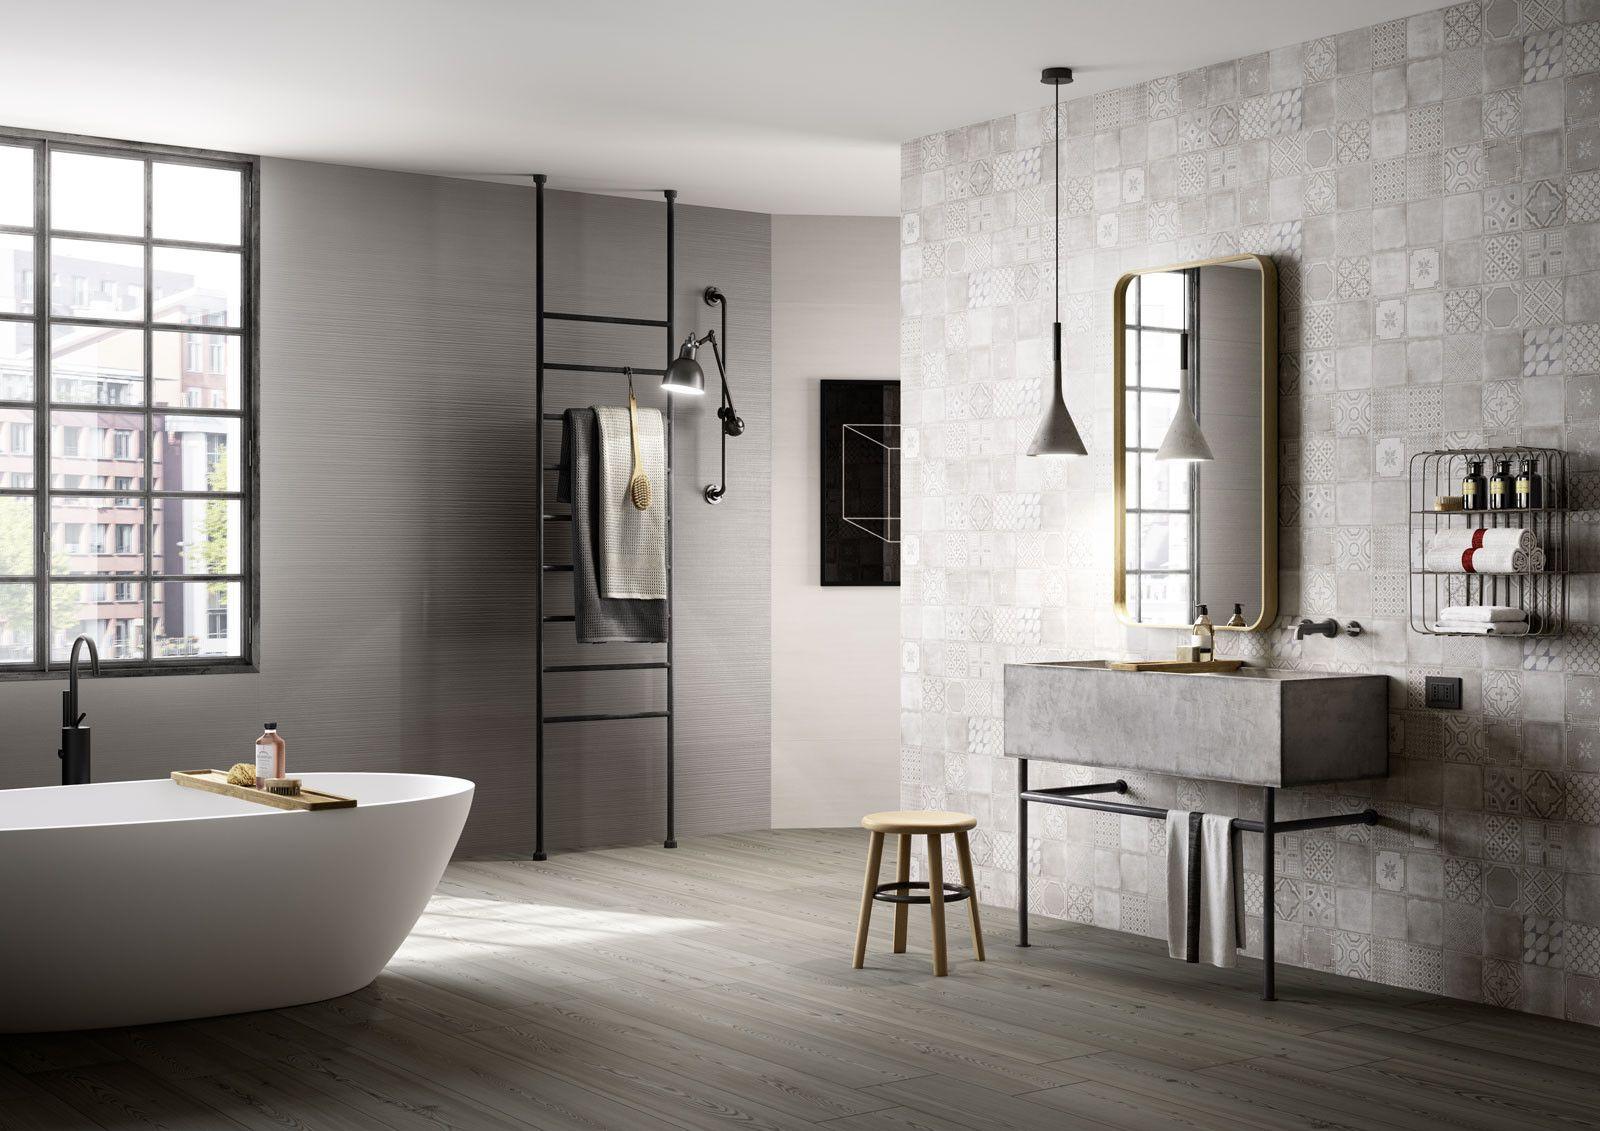 Marazzi #Materika Decoro Grey 40x120 cm MMJY | #Gres #tinta unita ...